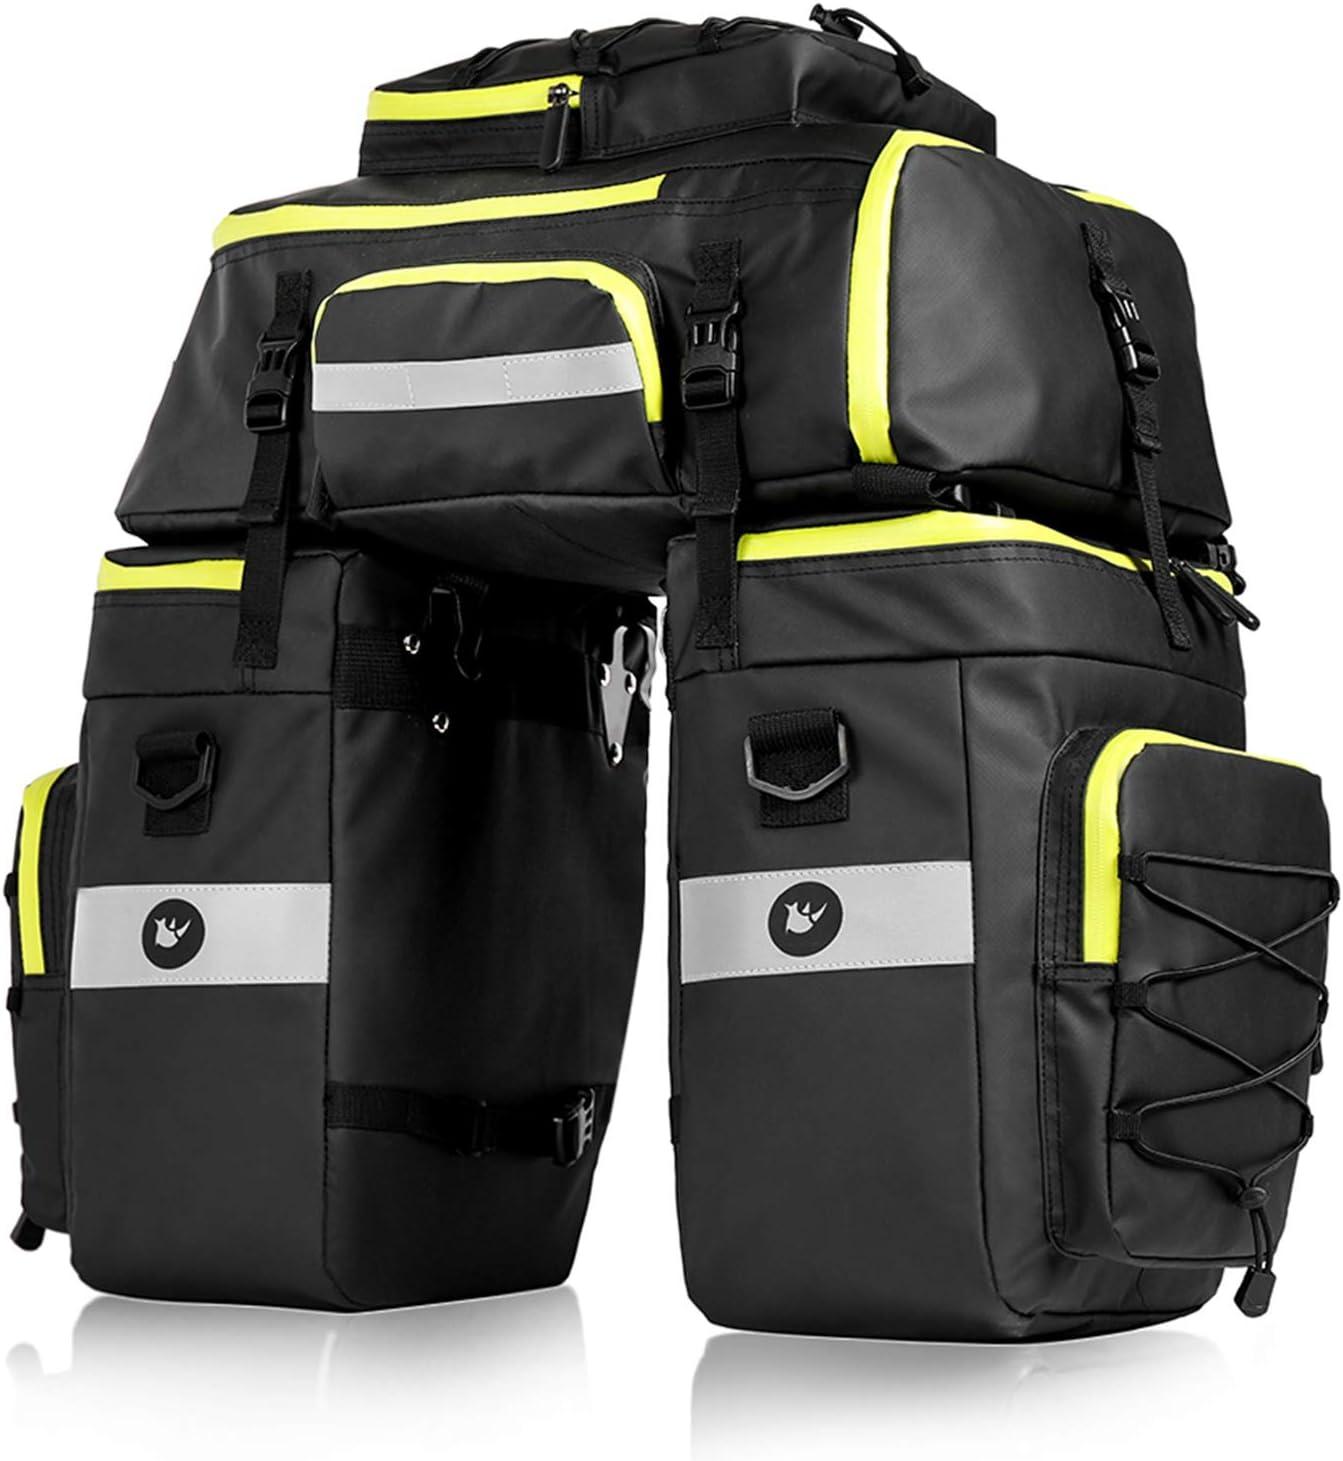 BAIGIO Bolsa Bicicleta, 3 in 1 Multifuncional Alforja Maletero Impermeable, 3 Compartimentos para Portaequipajes Asiento Trasero de Bicicleta de Carretera, Juego de Bolsas para Bcicleta Pannier